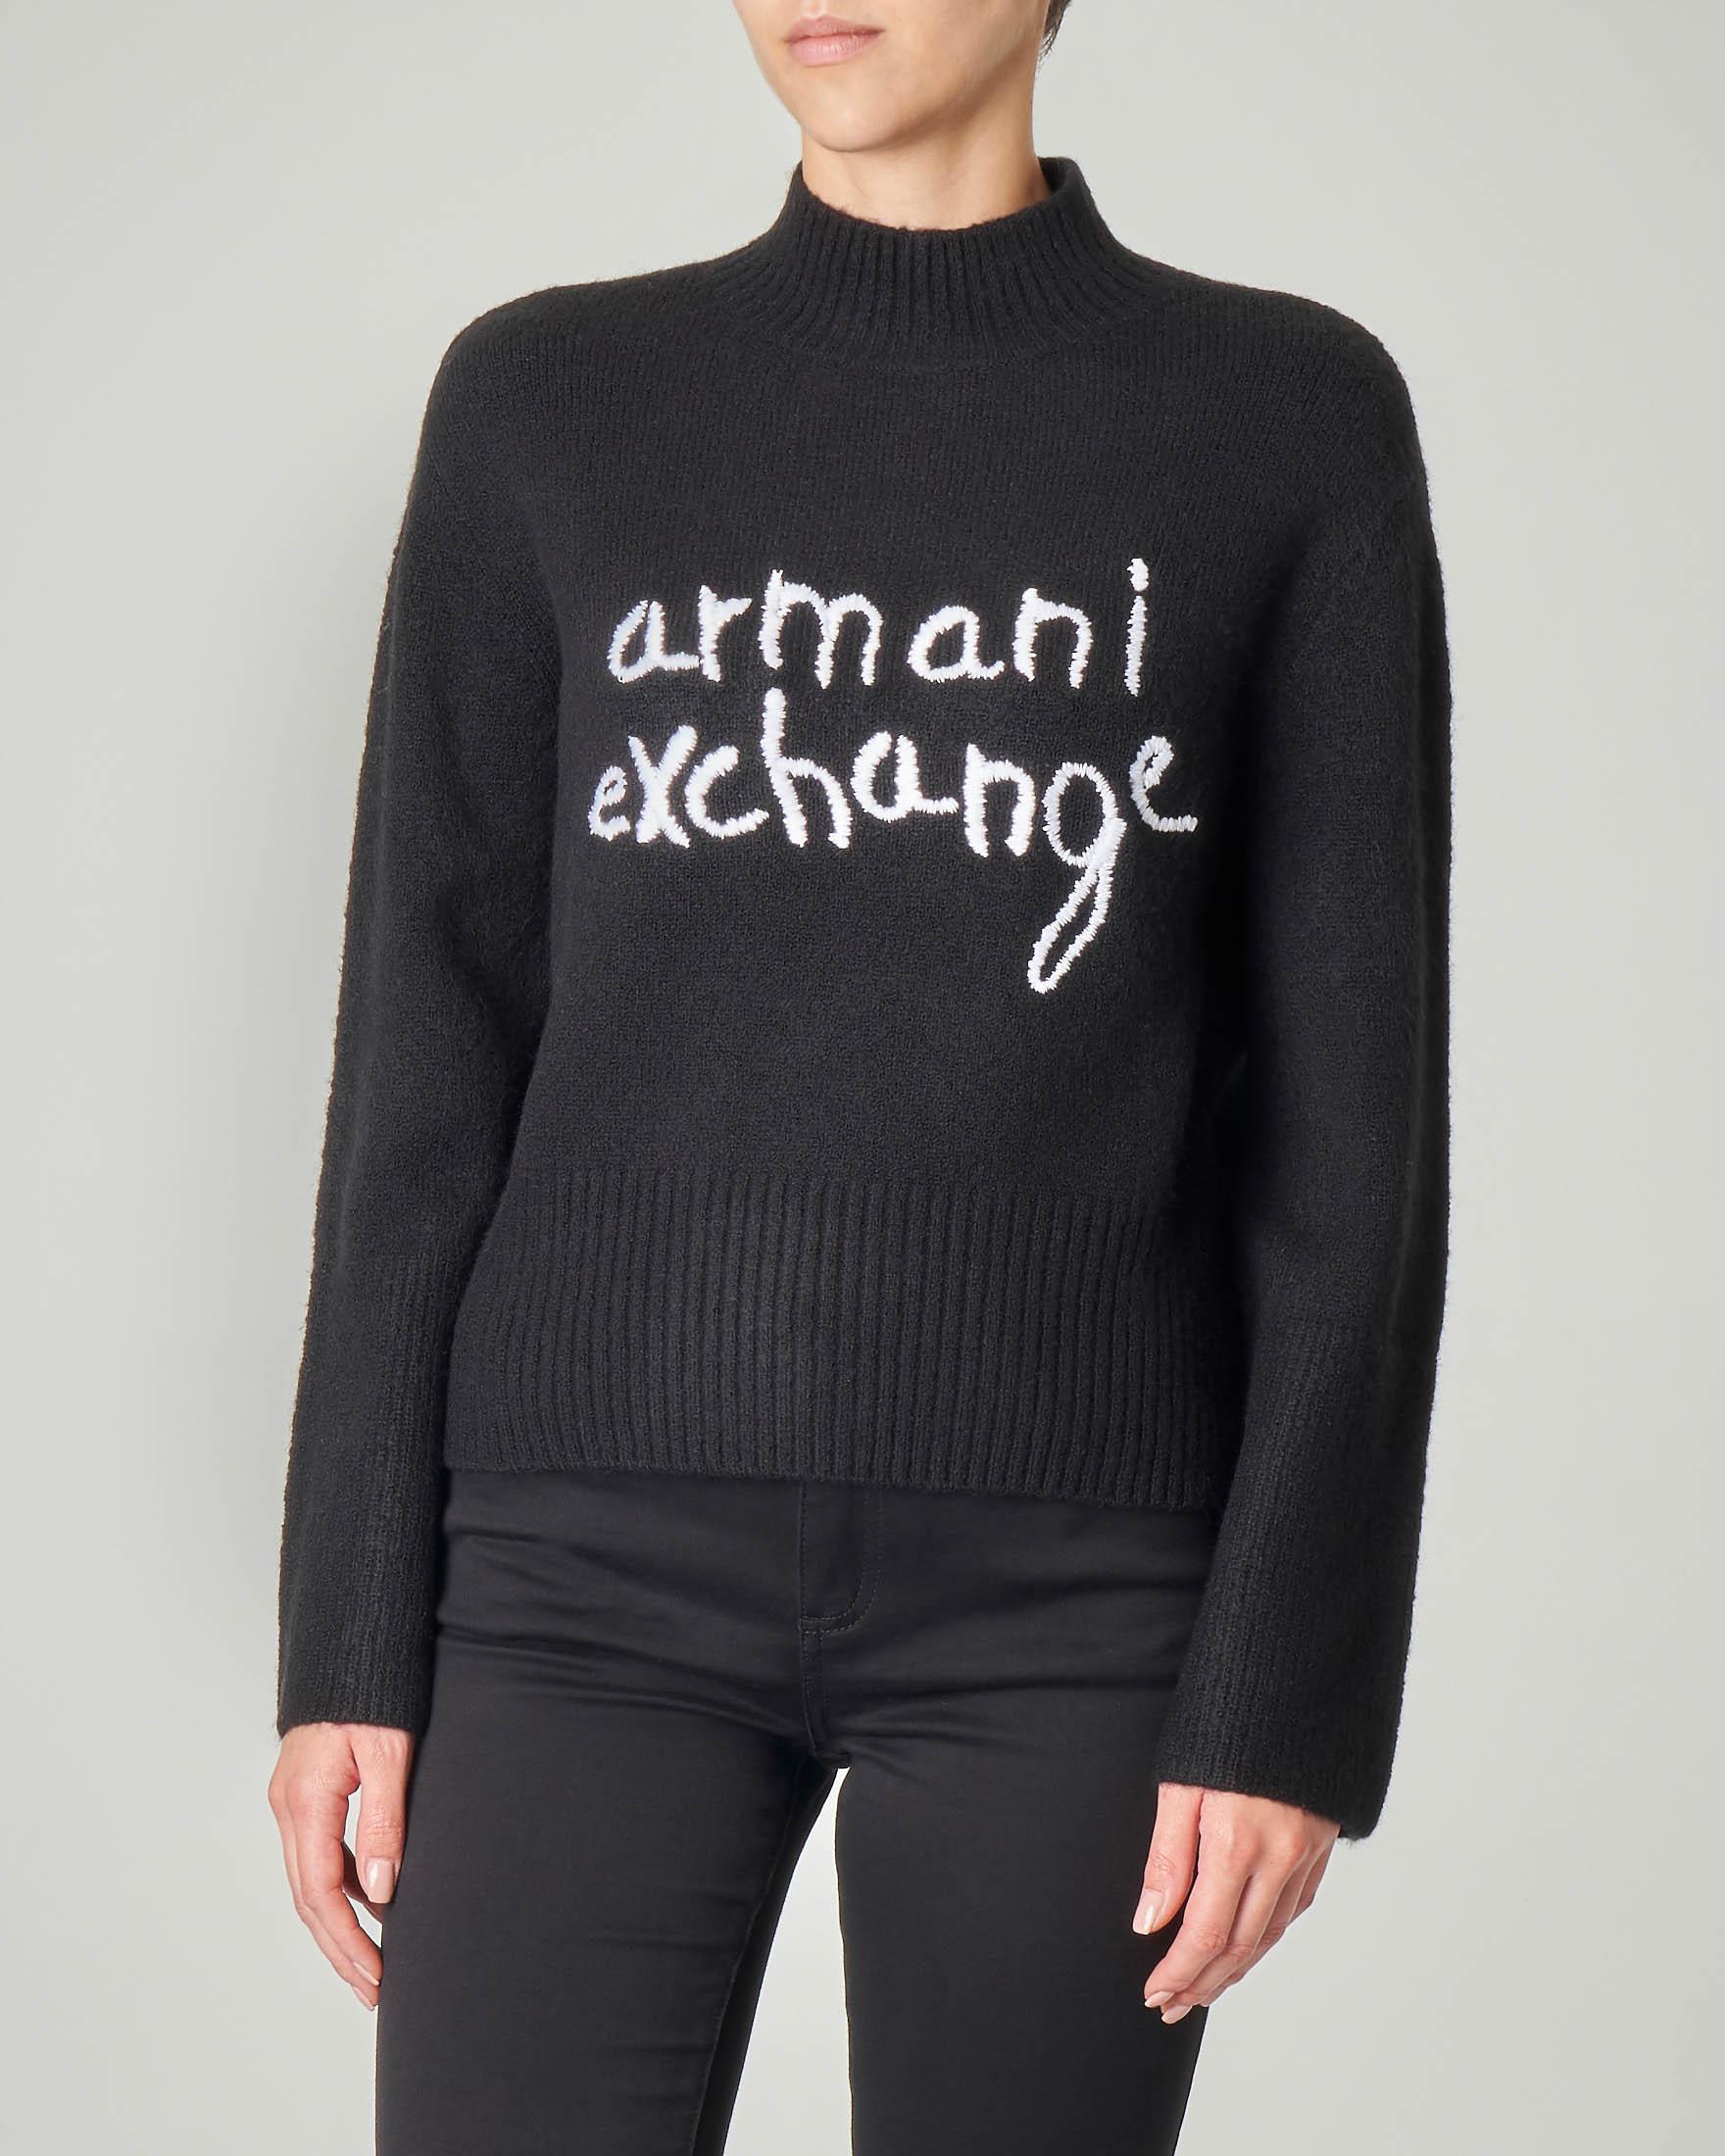 Lupetto nero in misto lana con scritta jacquard bianca